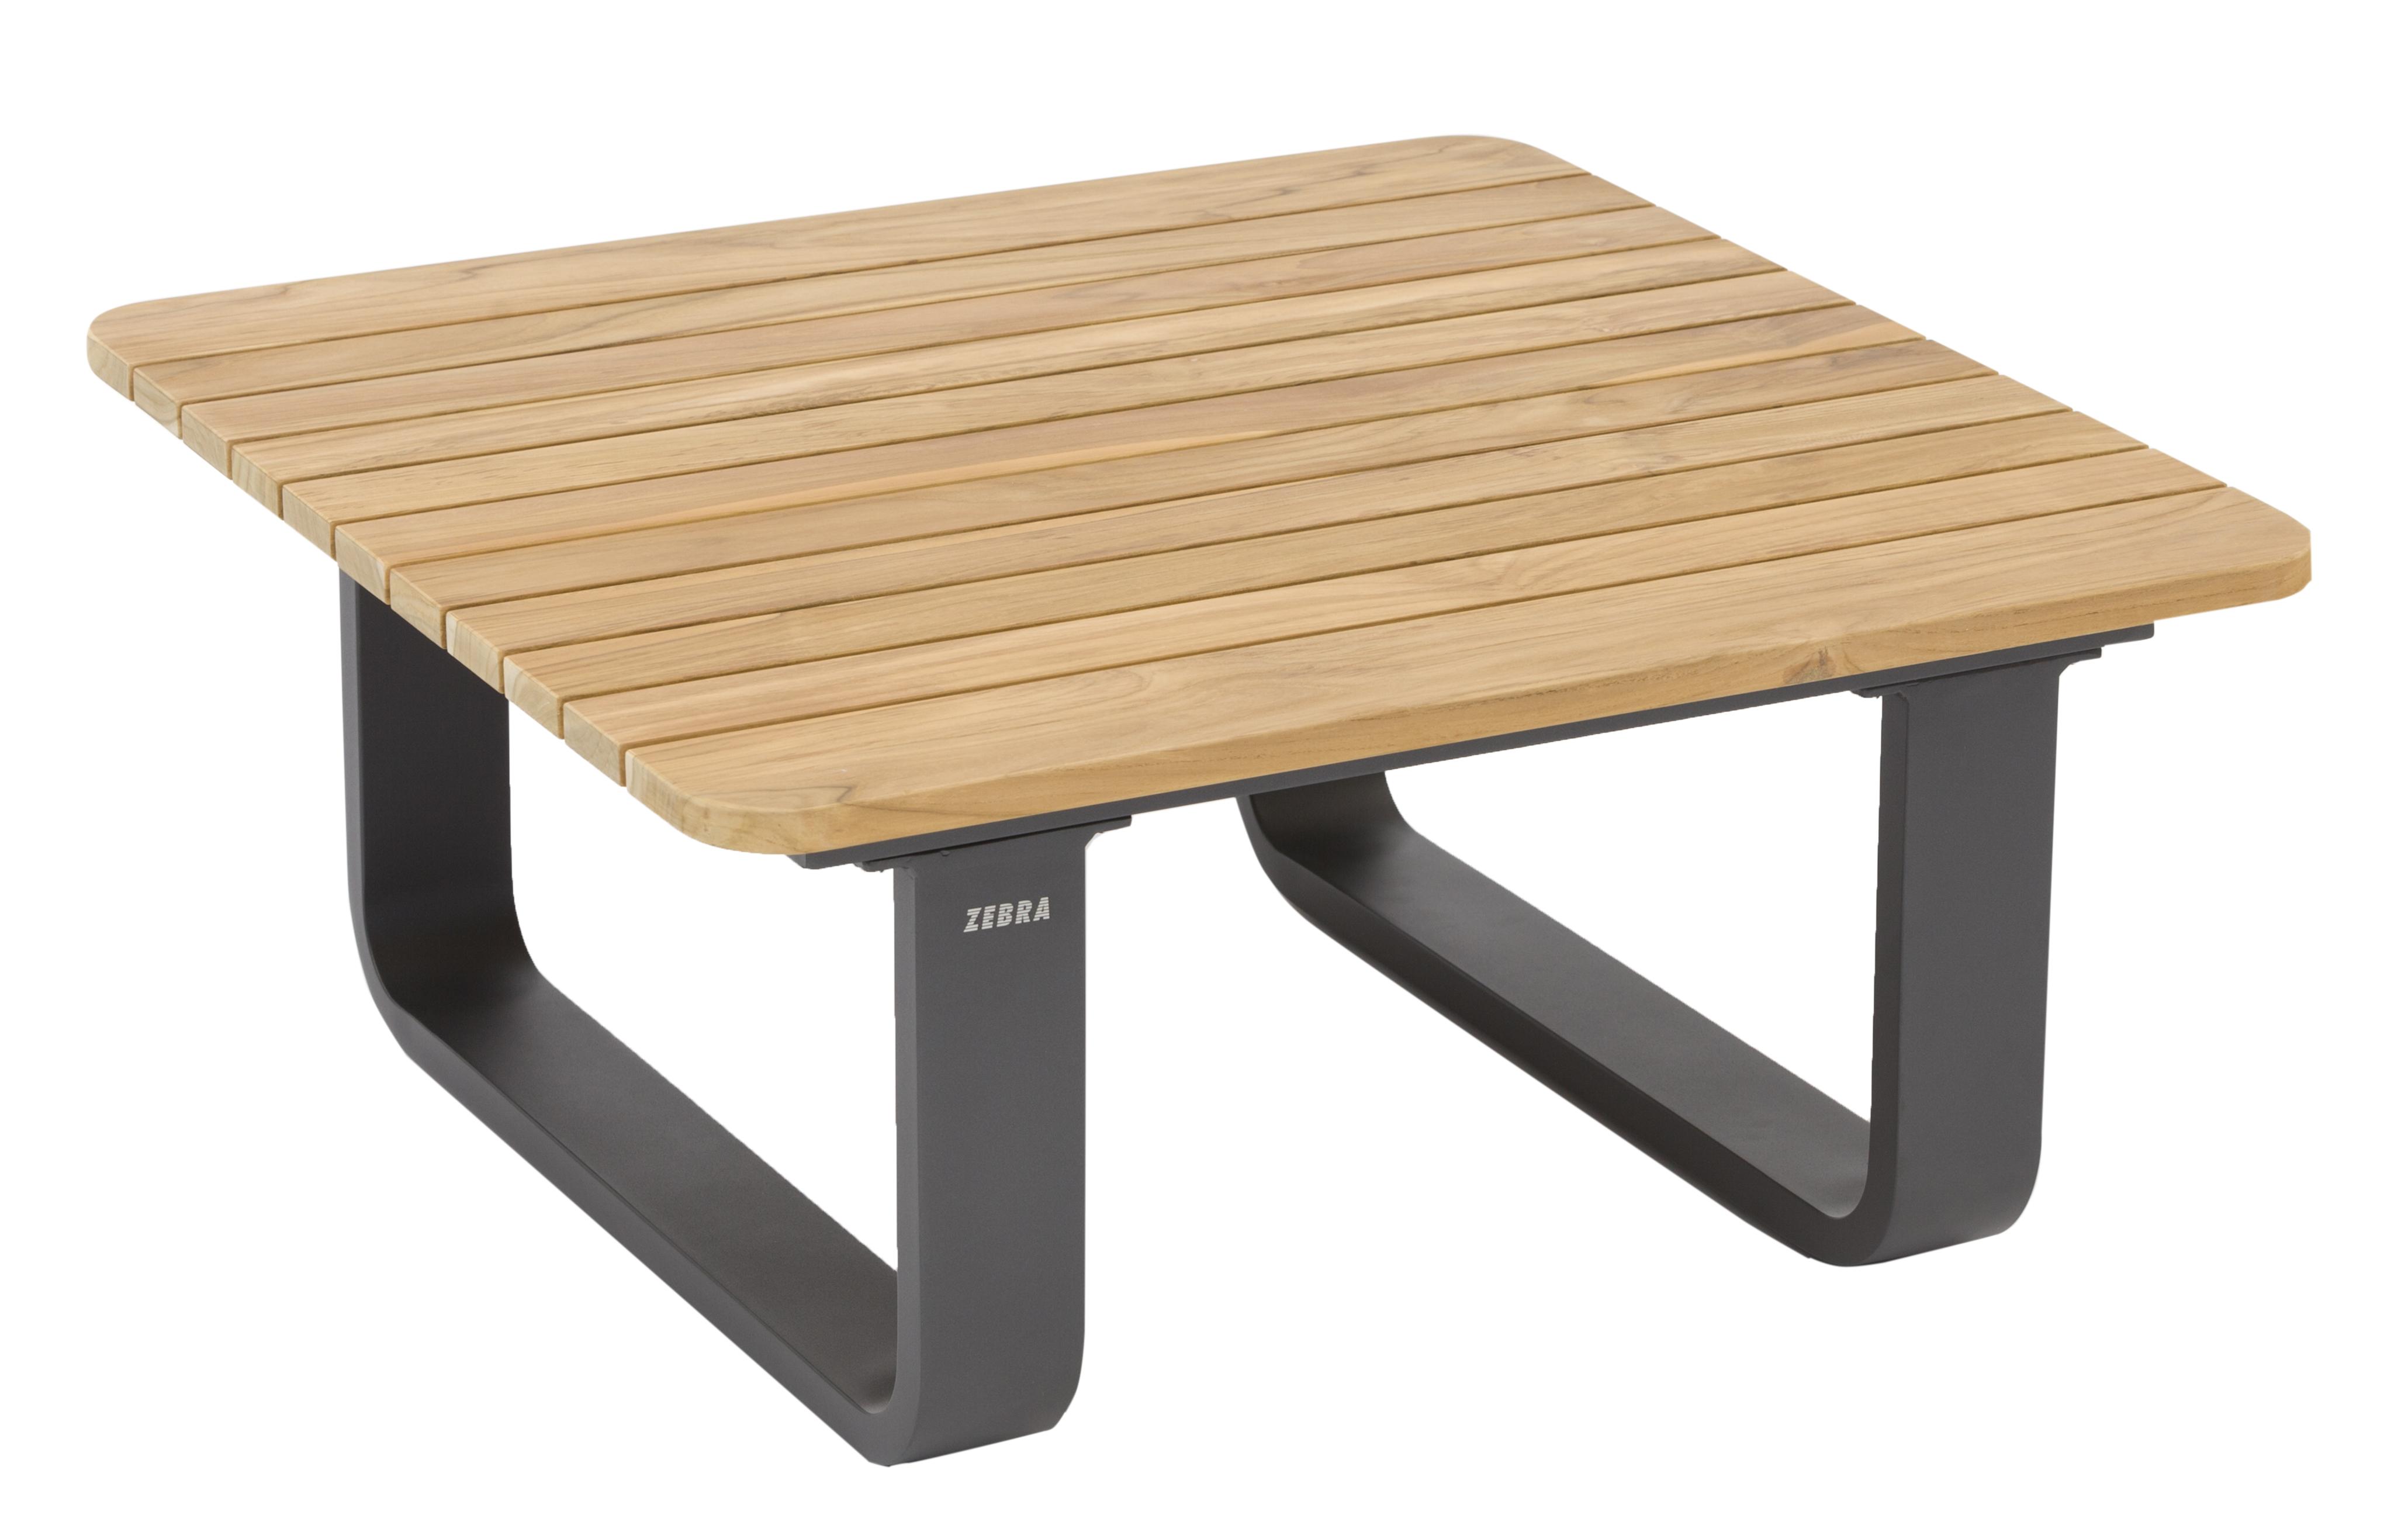 Zebra Park Lounge Tisch